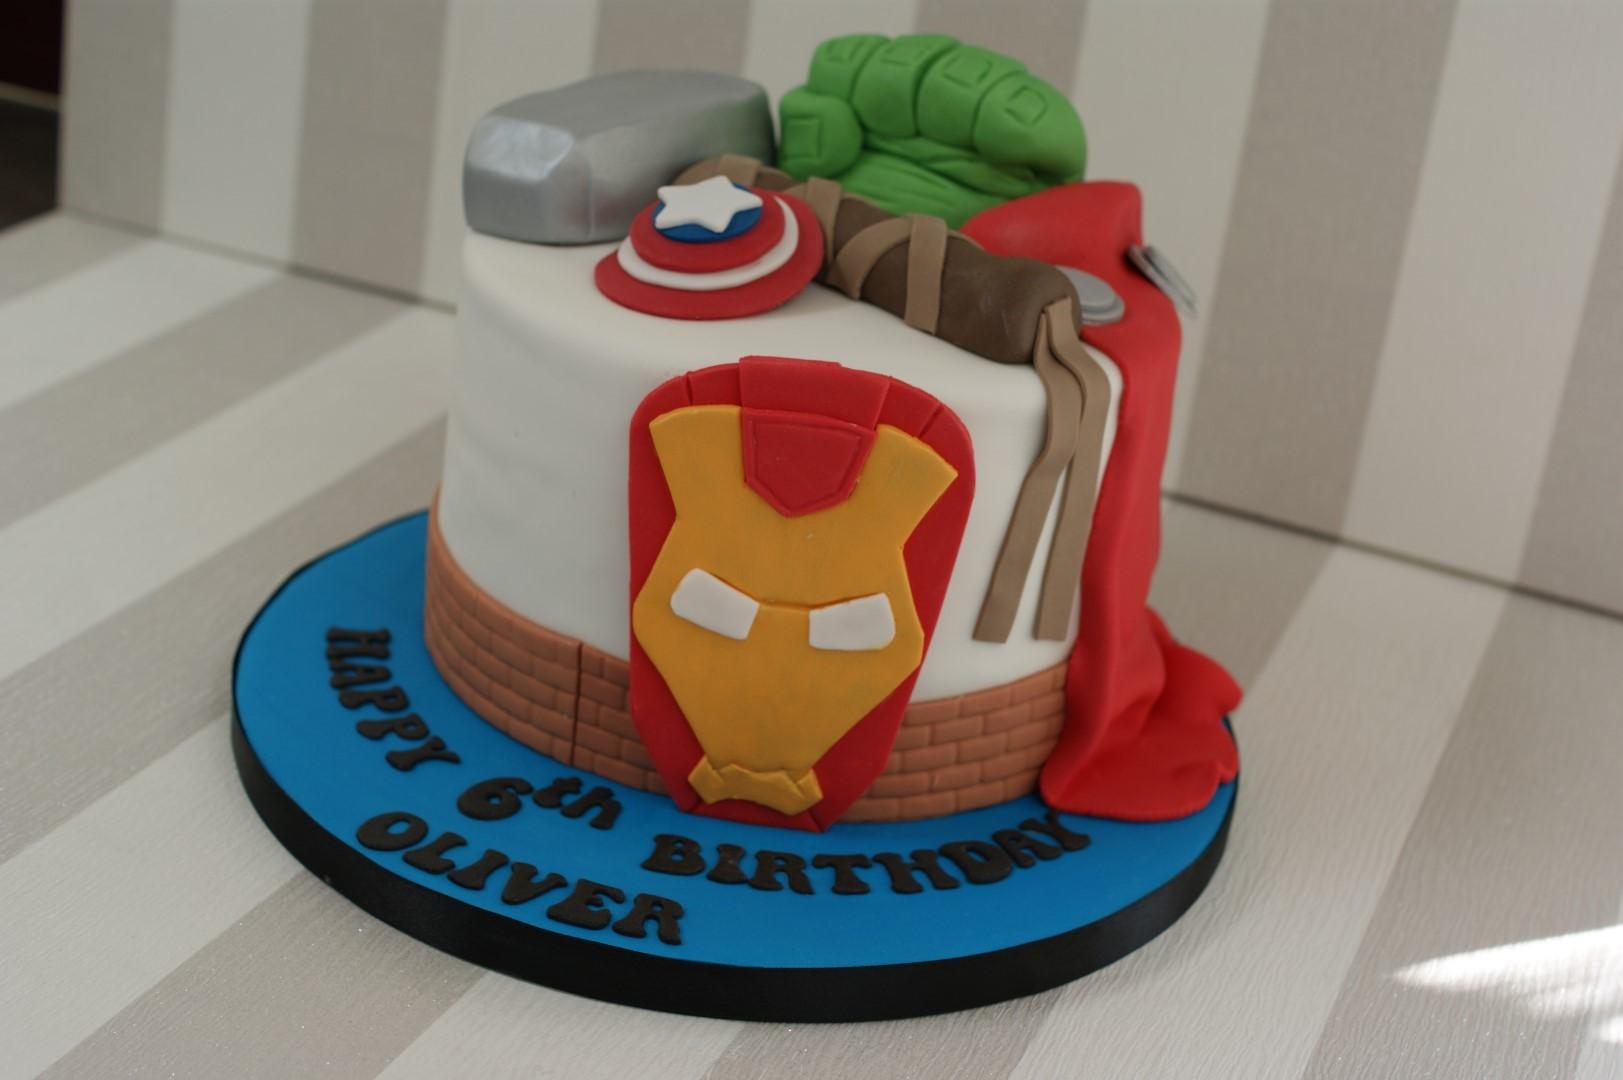 Avengers 6th Birthday Cake - Bakealous